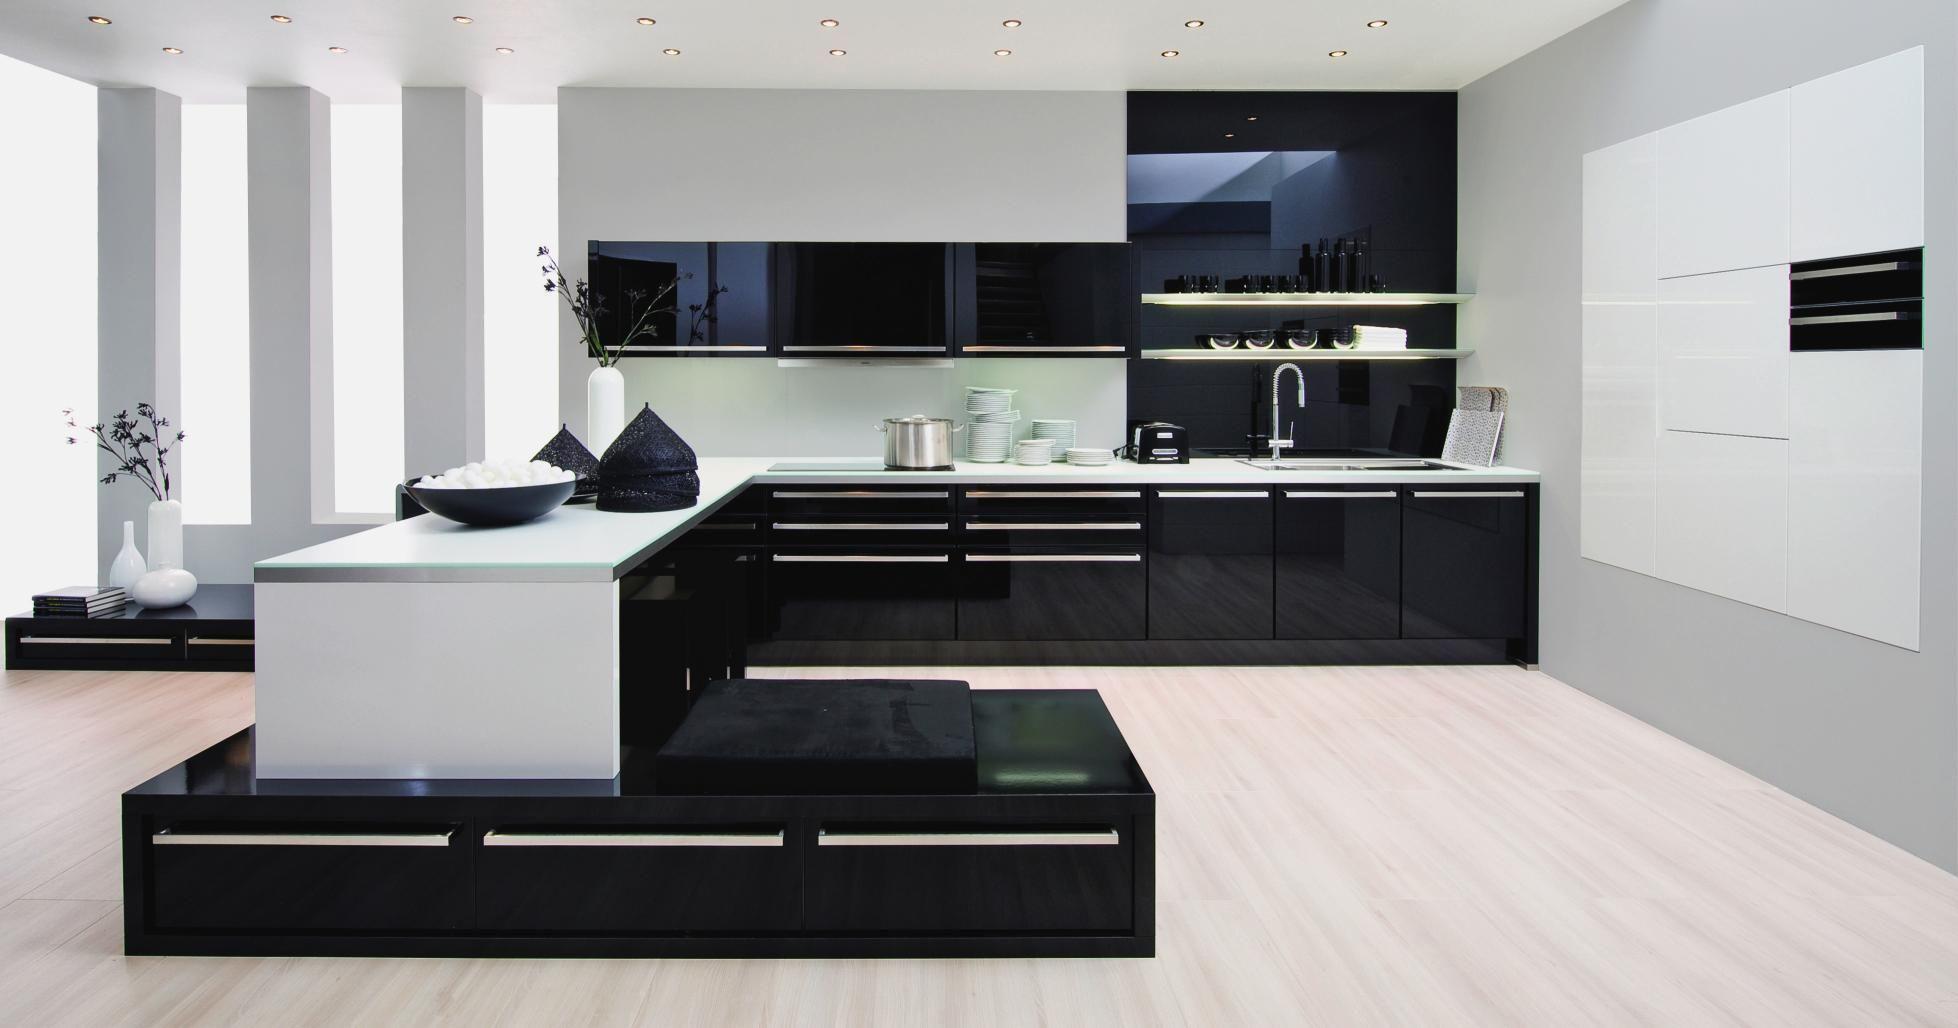 Moderne Einbauküche moderne einbauküche dieter knoll einbauküchen 30th